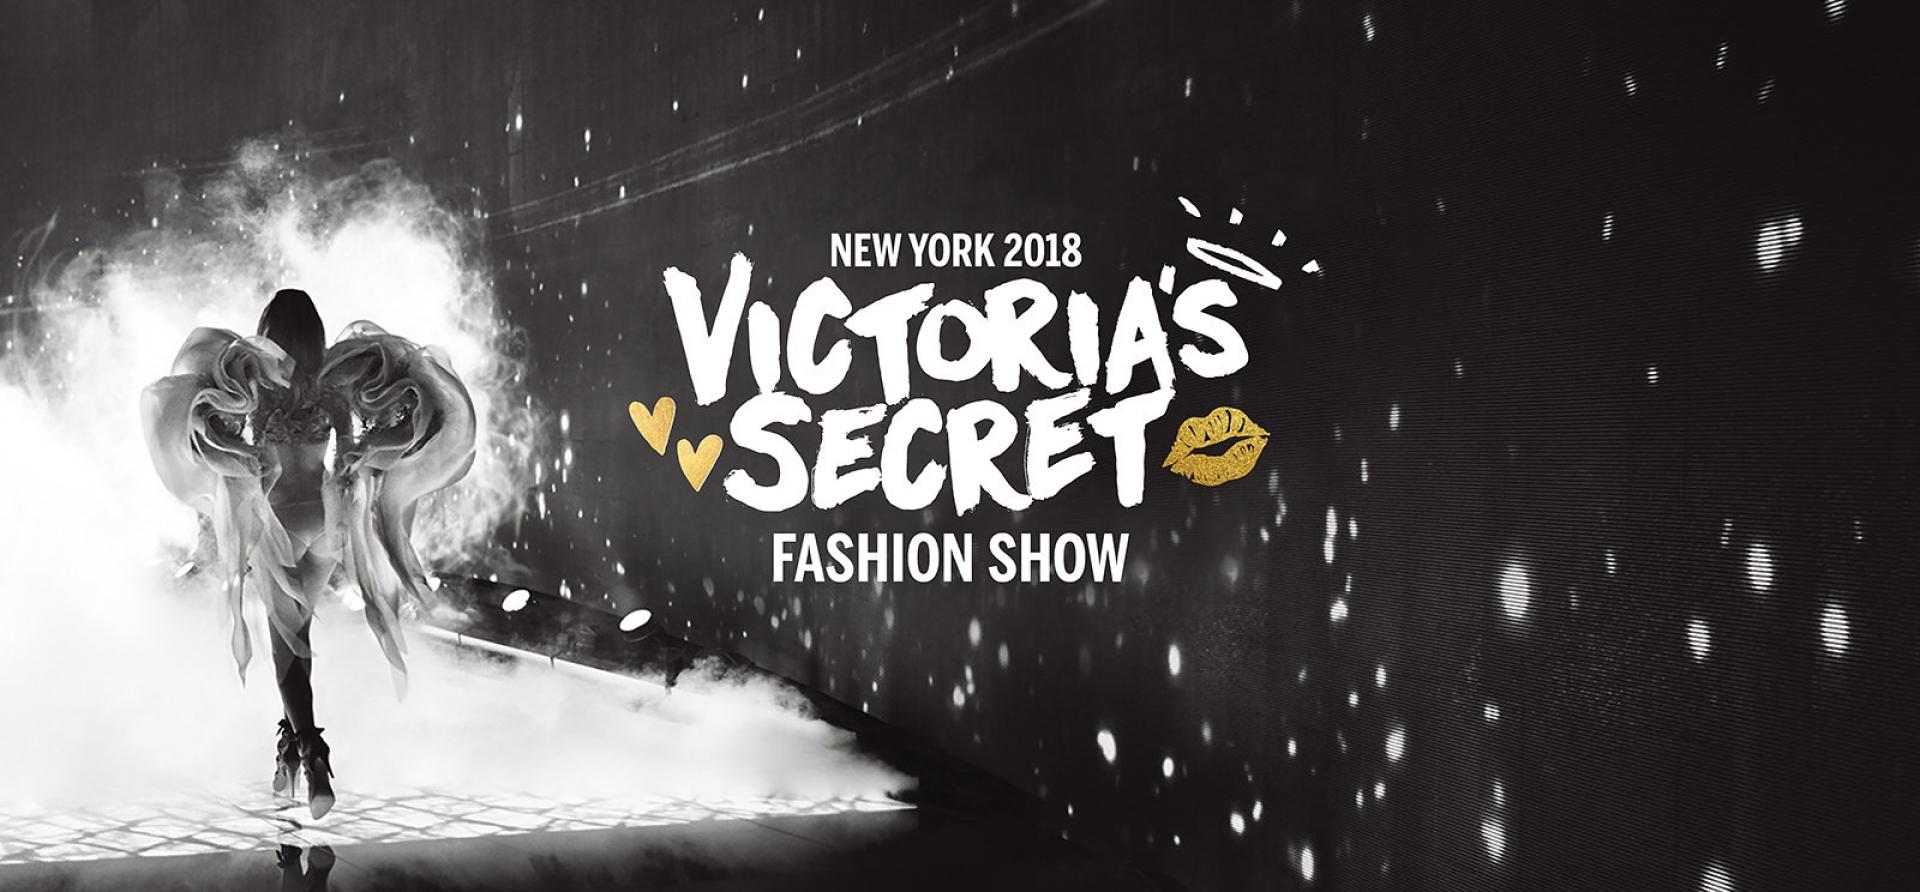 Victoria's Secret Fashion Show 2018: Từ điều khó nói tới biểu tượng của cái đẹp